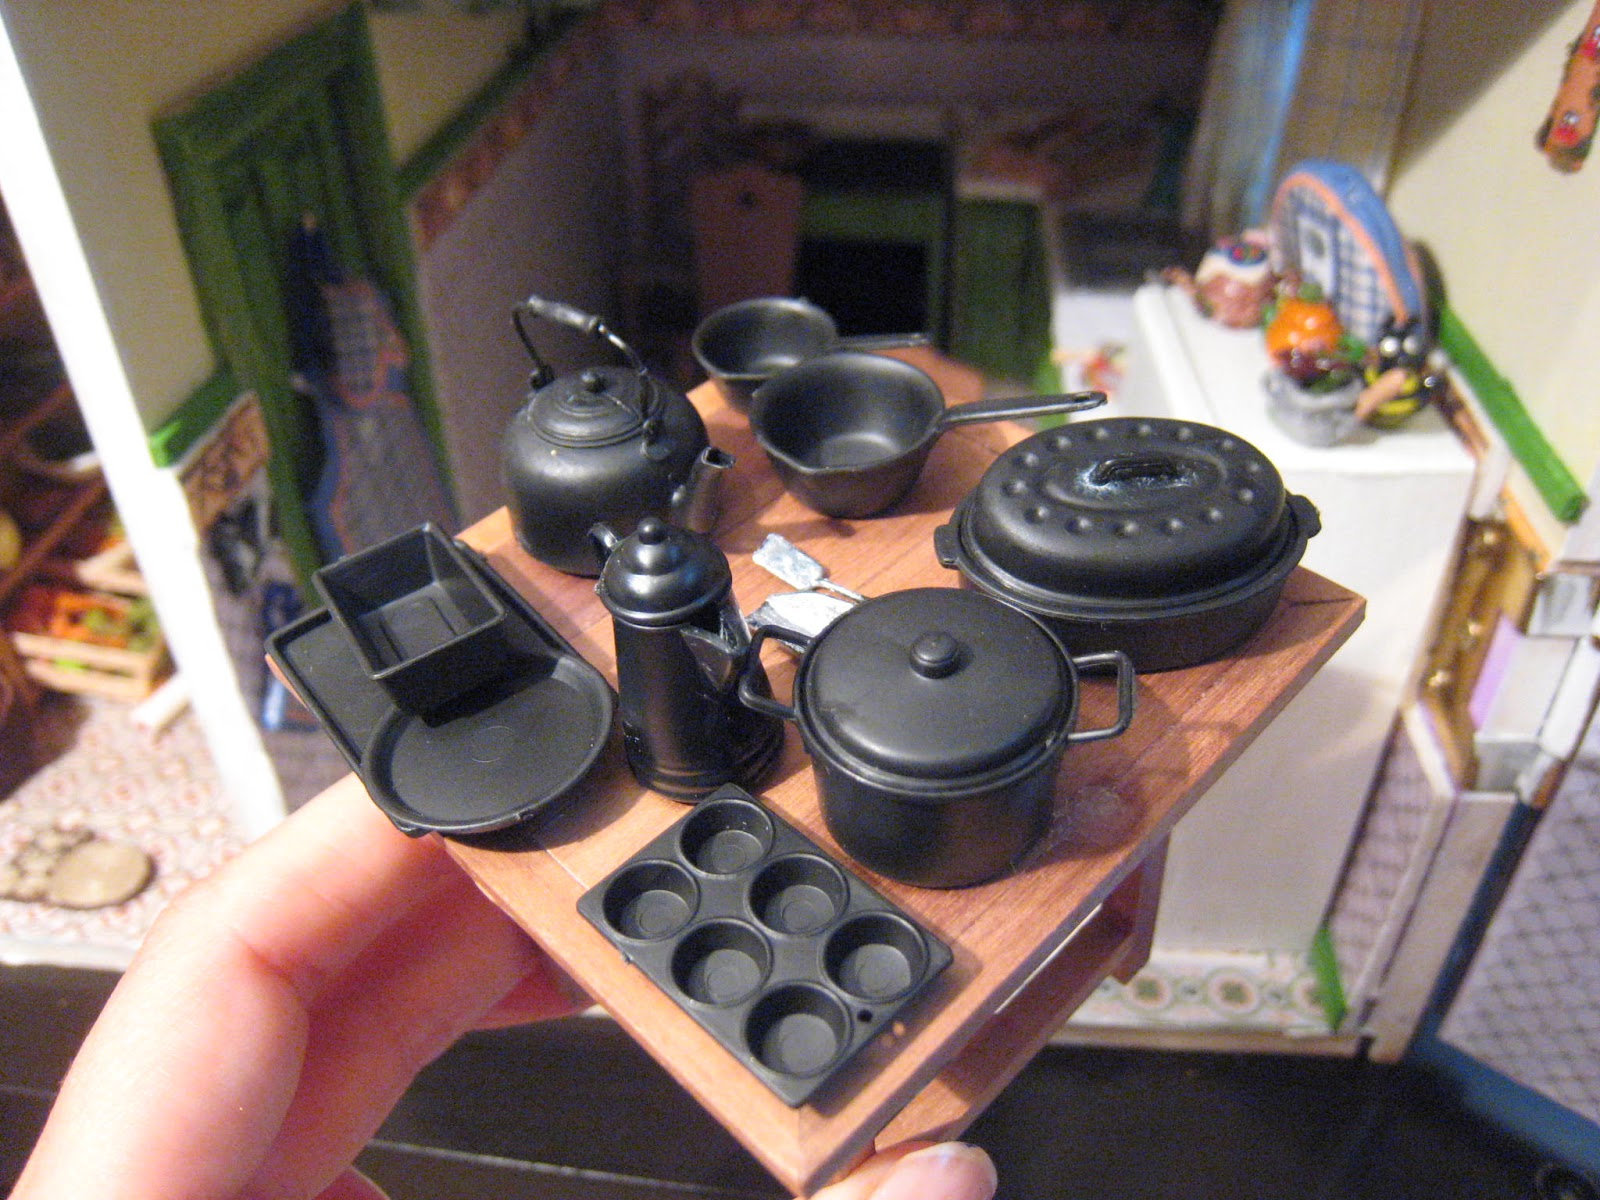 Minimontse complementos de cocina - Complementos de cocina ...